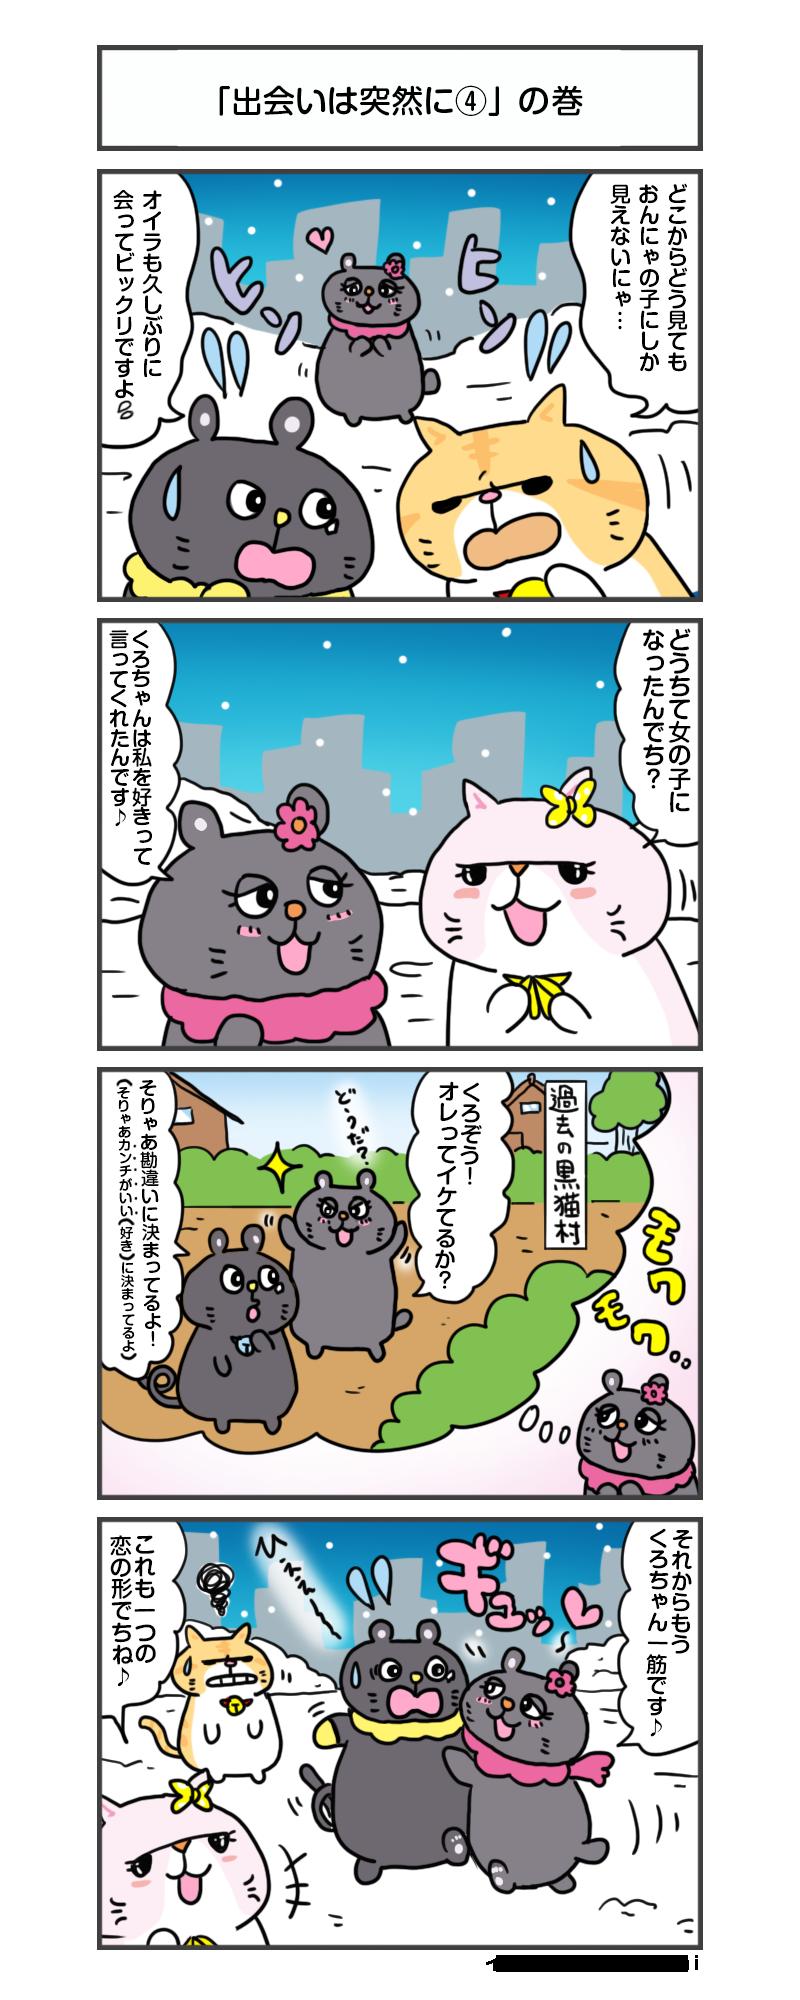 縺医″縺昴y縺・anga_vol.182